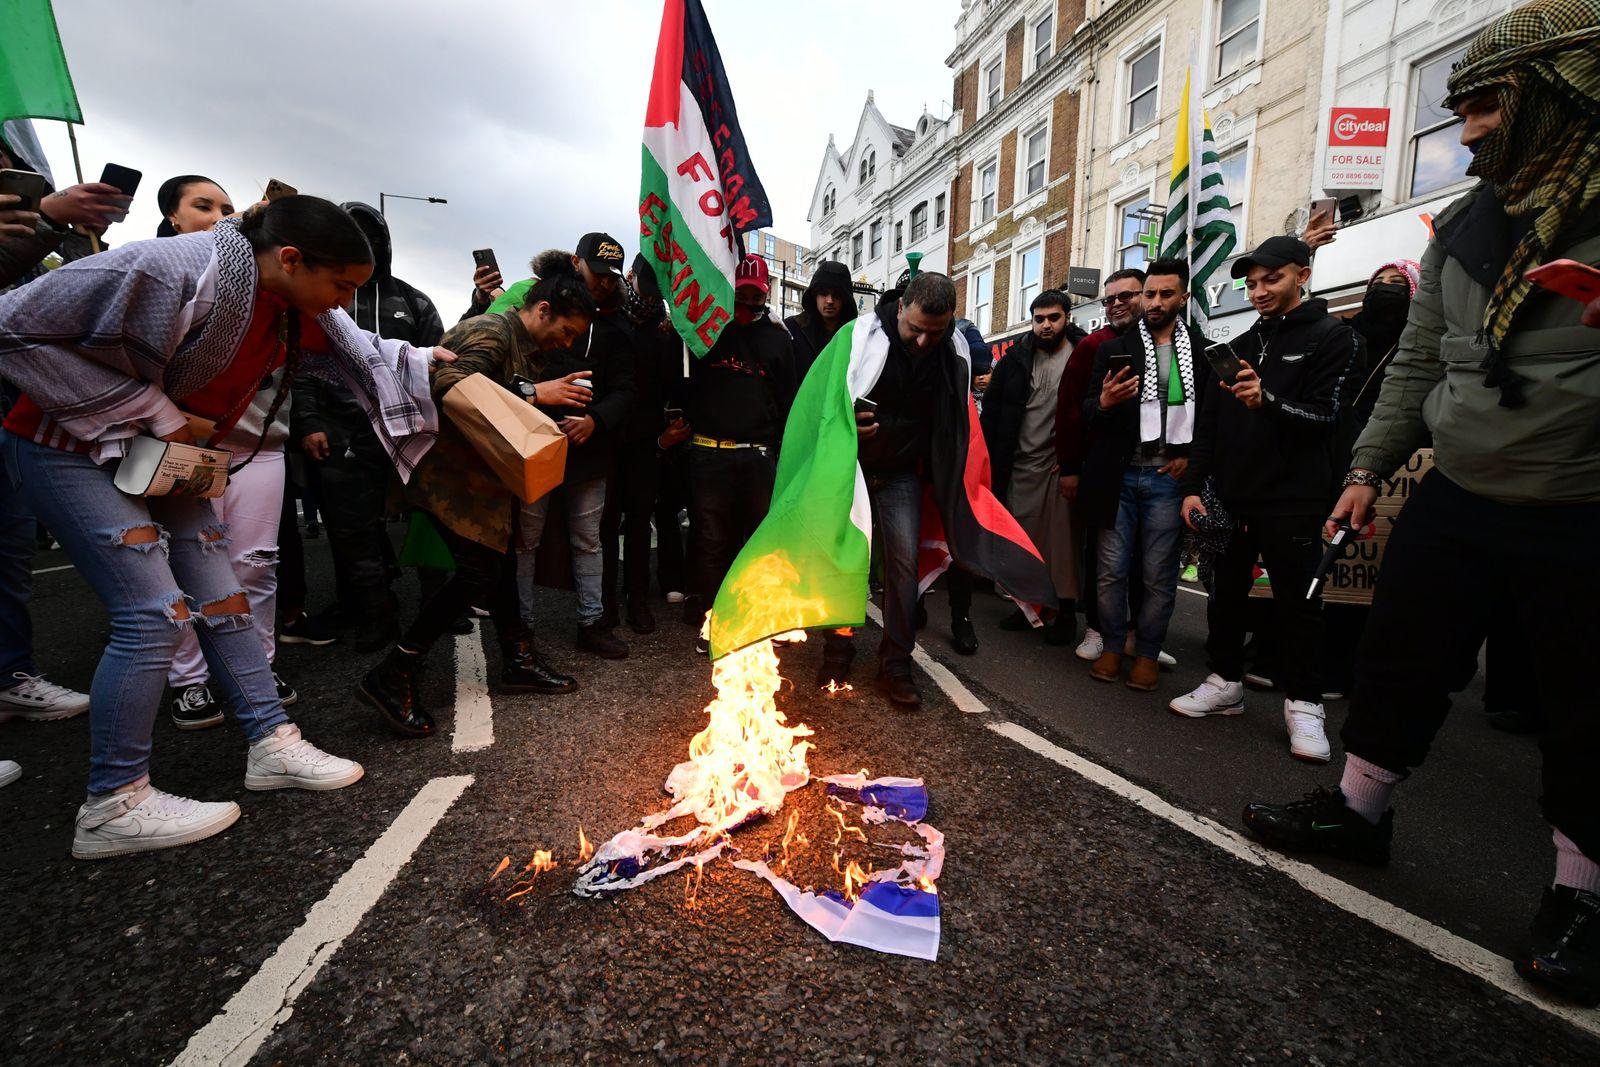 Konflikt in Nahost - Demonstration in London